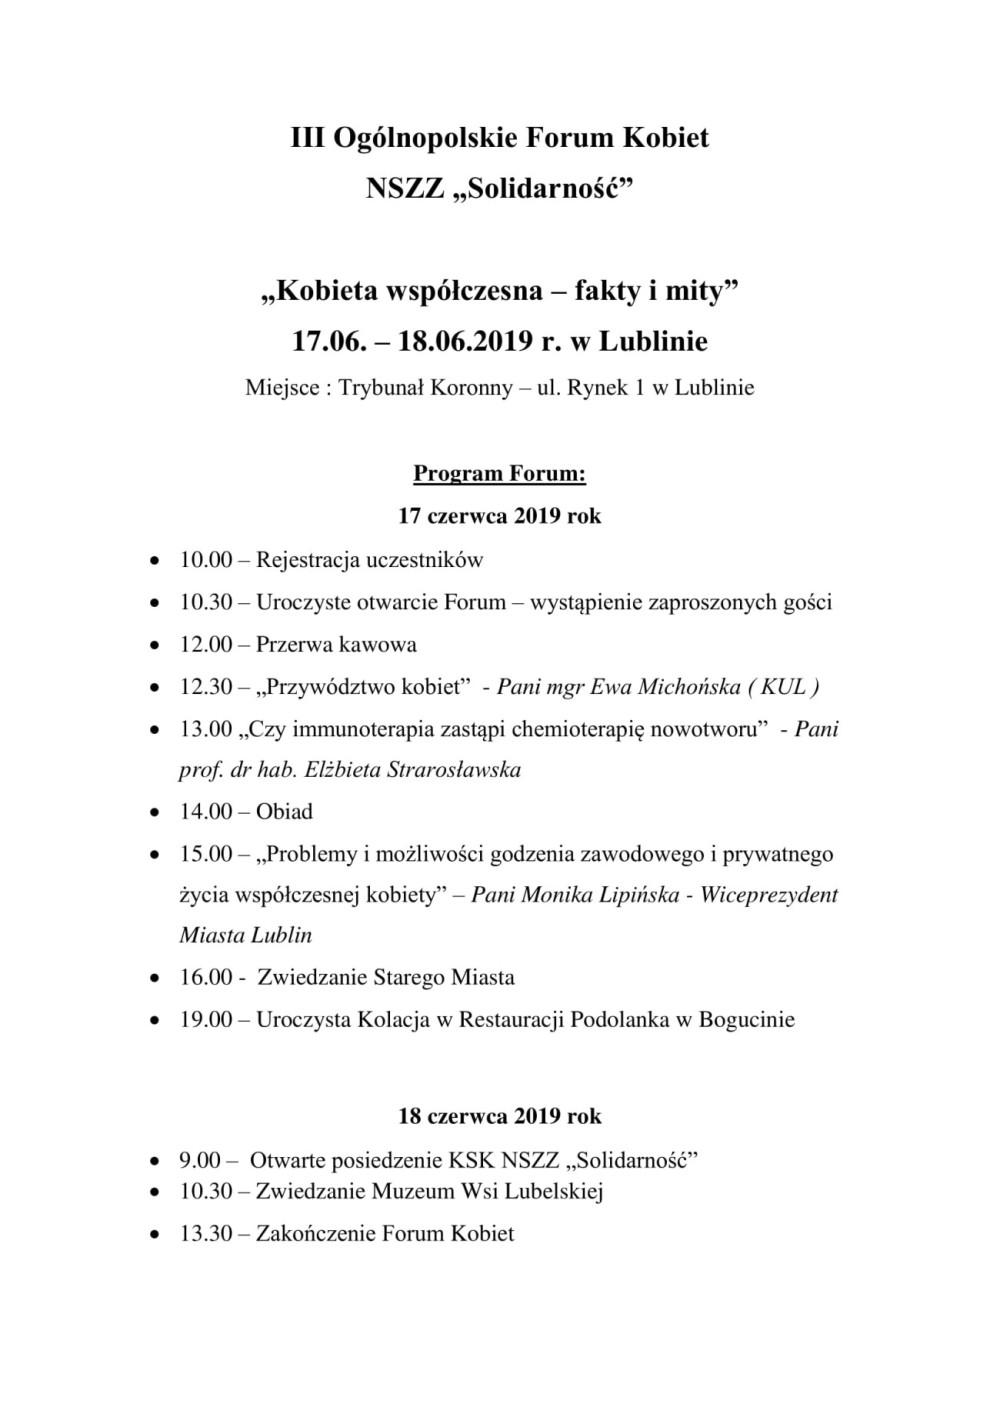 Program III Ogólnopolskie Form Kobiet NSZZ jpg